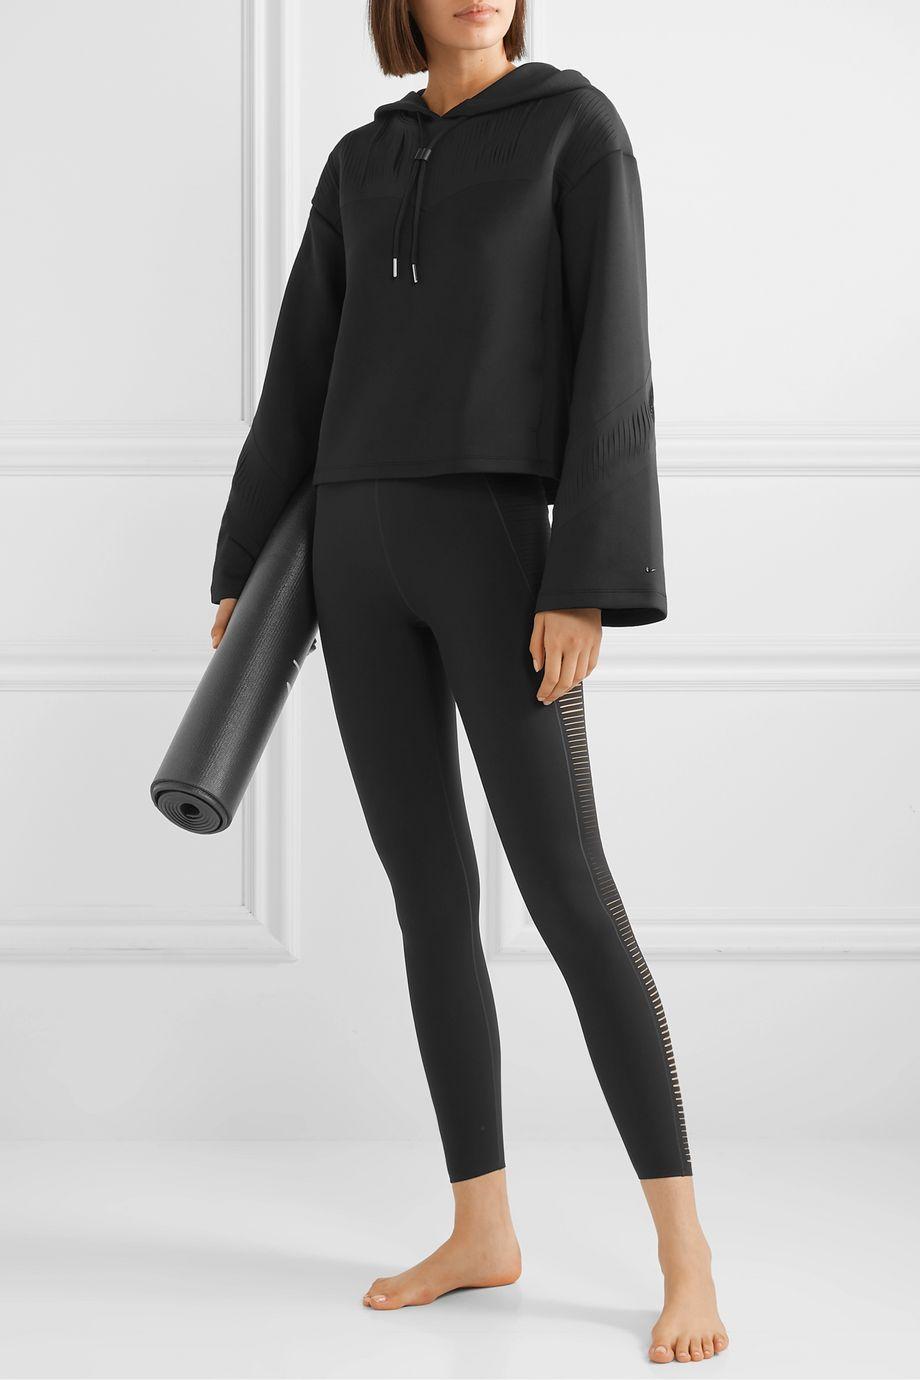 Nike Laser-cut Dri-FIT leggings